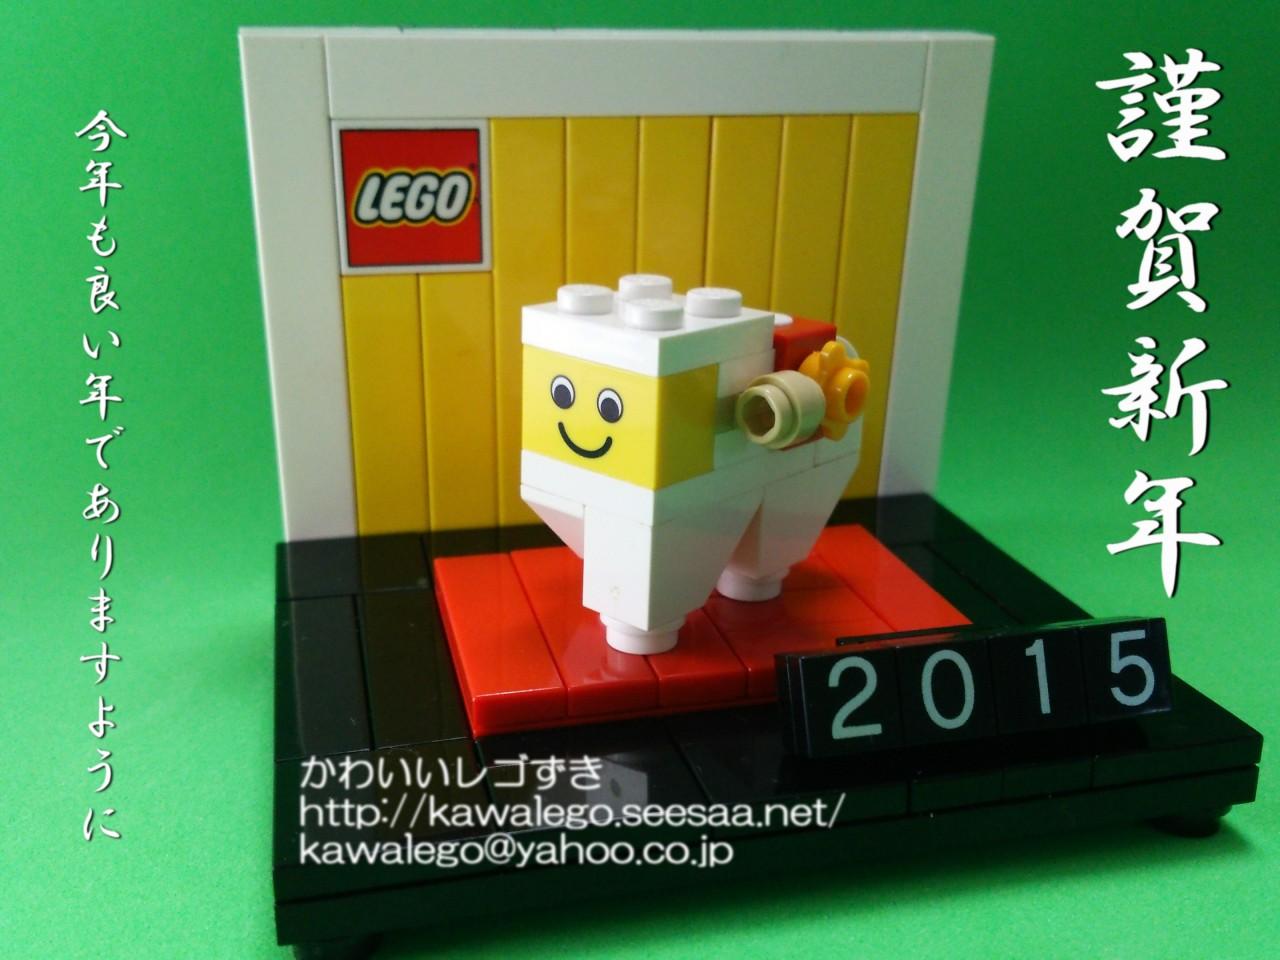 2015年 明けましておめでとうございます - レゴ年賀状「未」